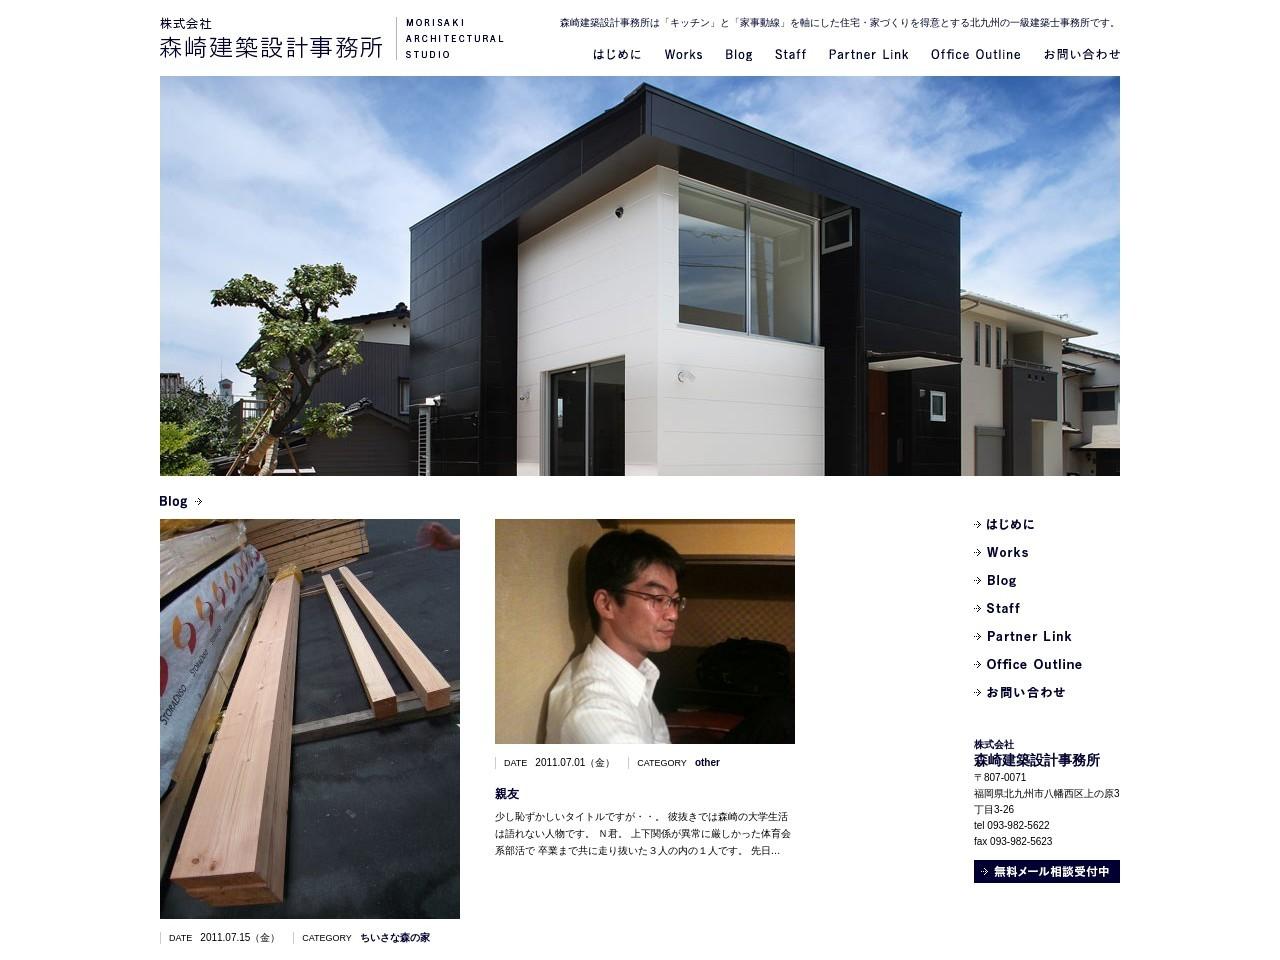 株式会社森崎建築設計事務所